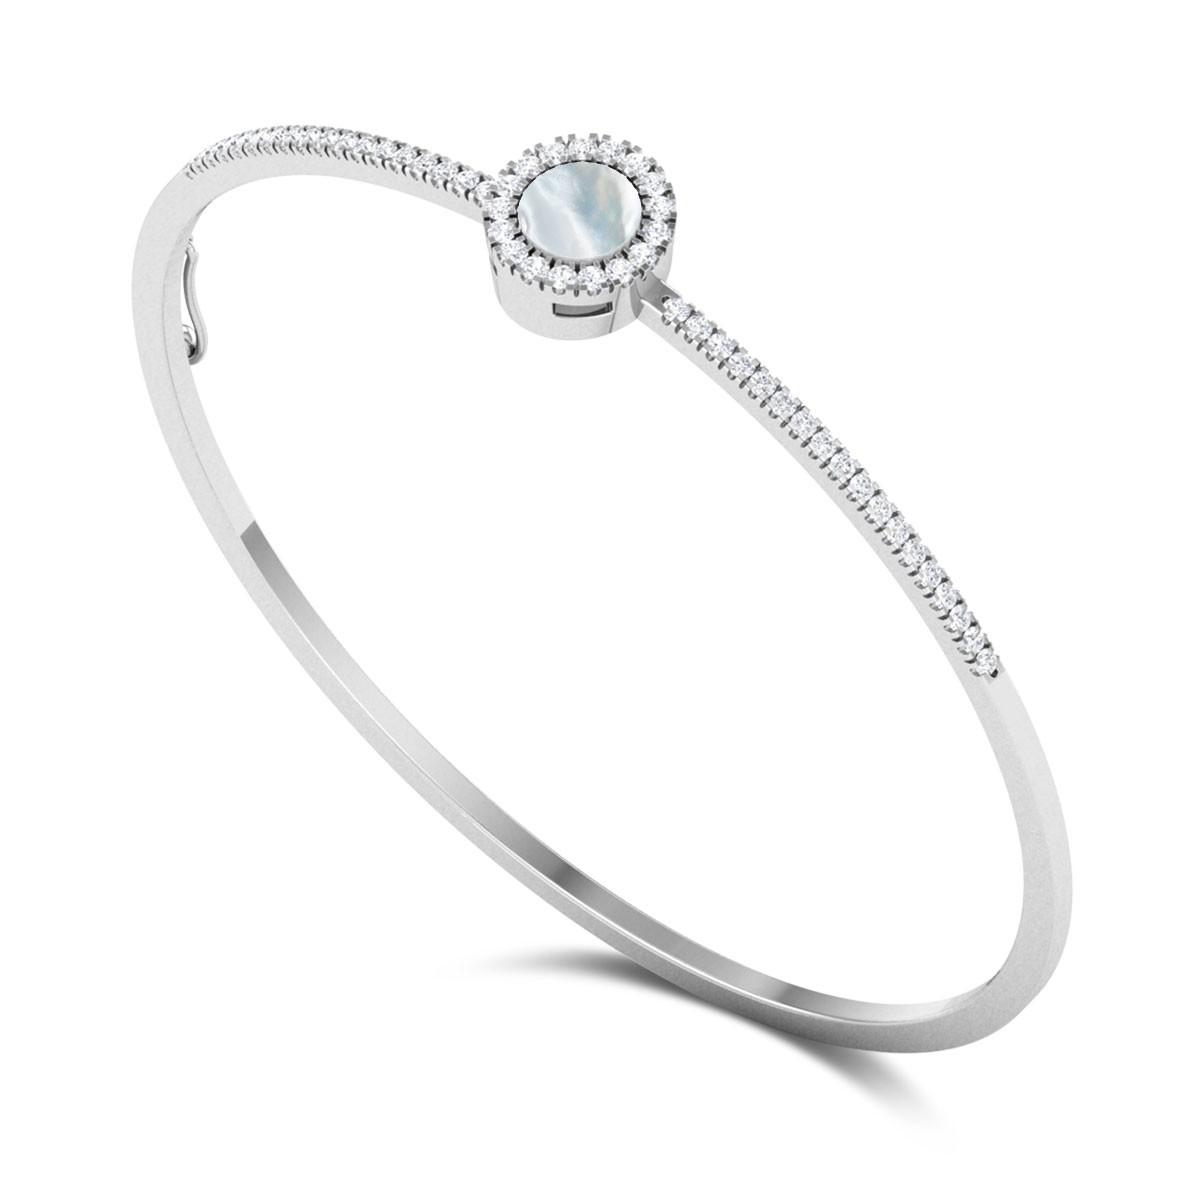 Beluxa Pearl & Diamond Bangle